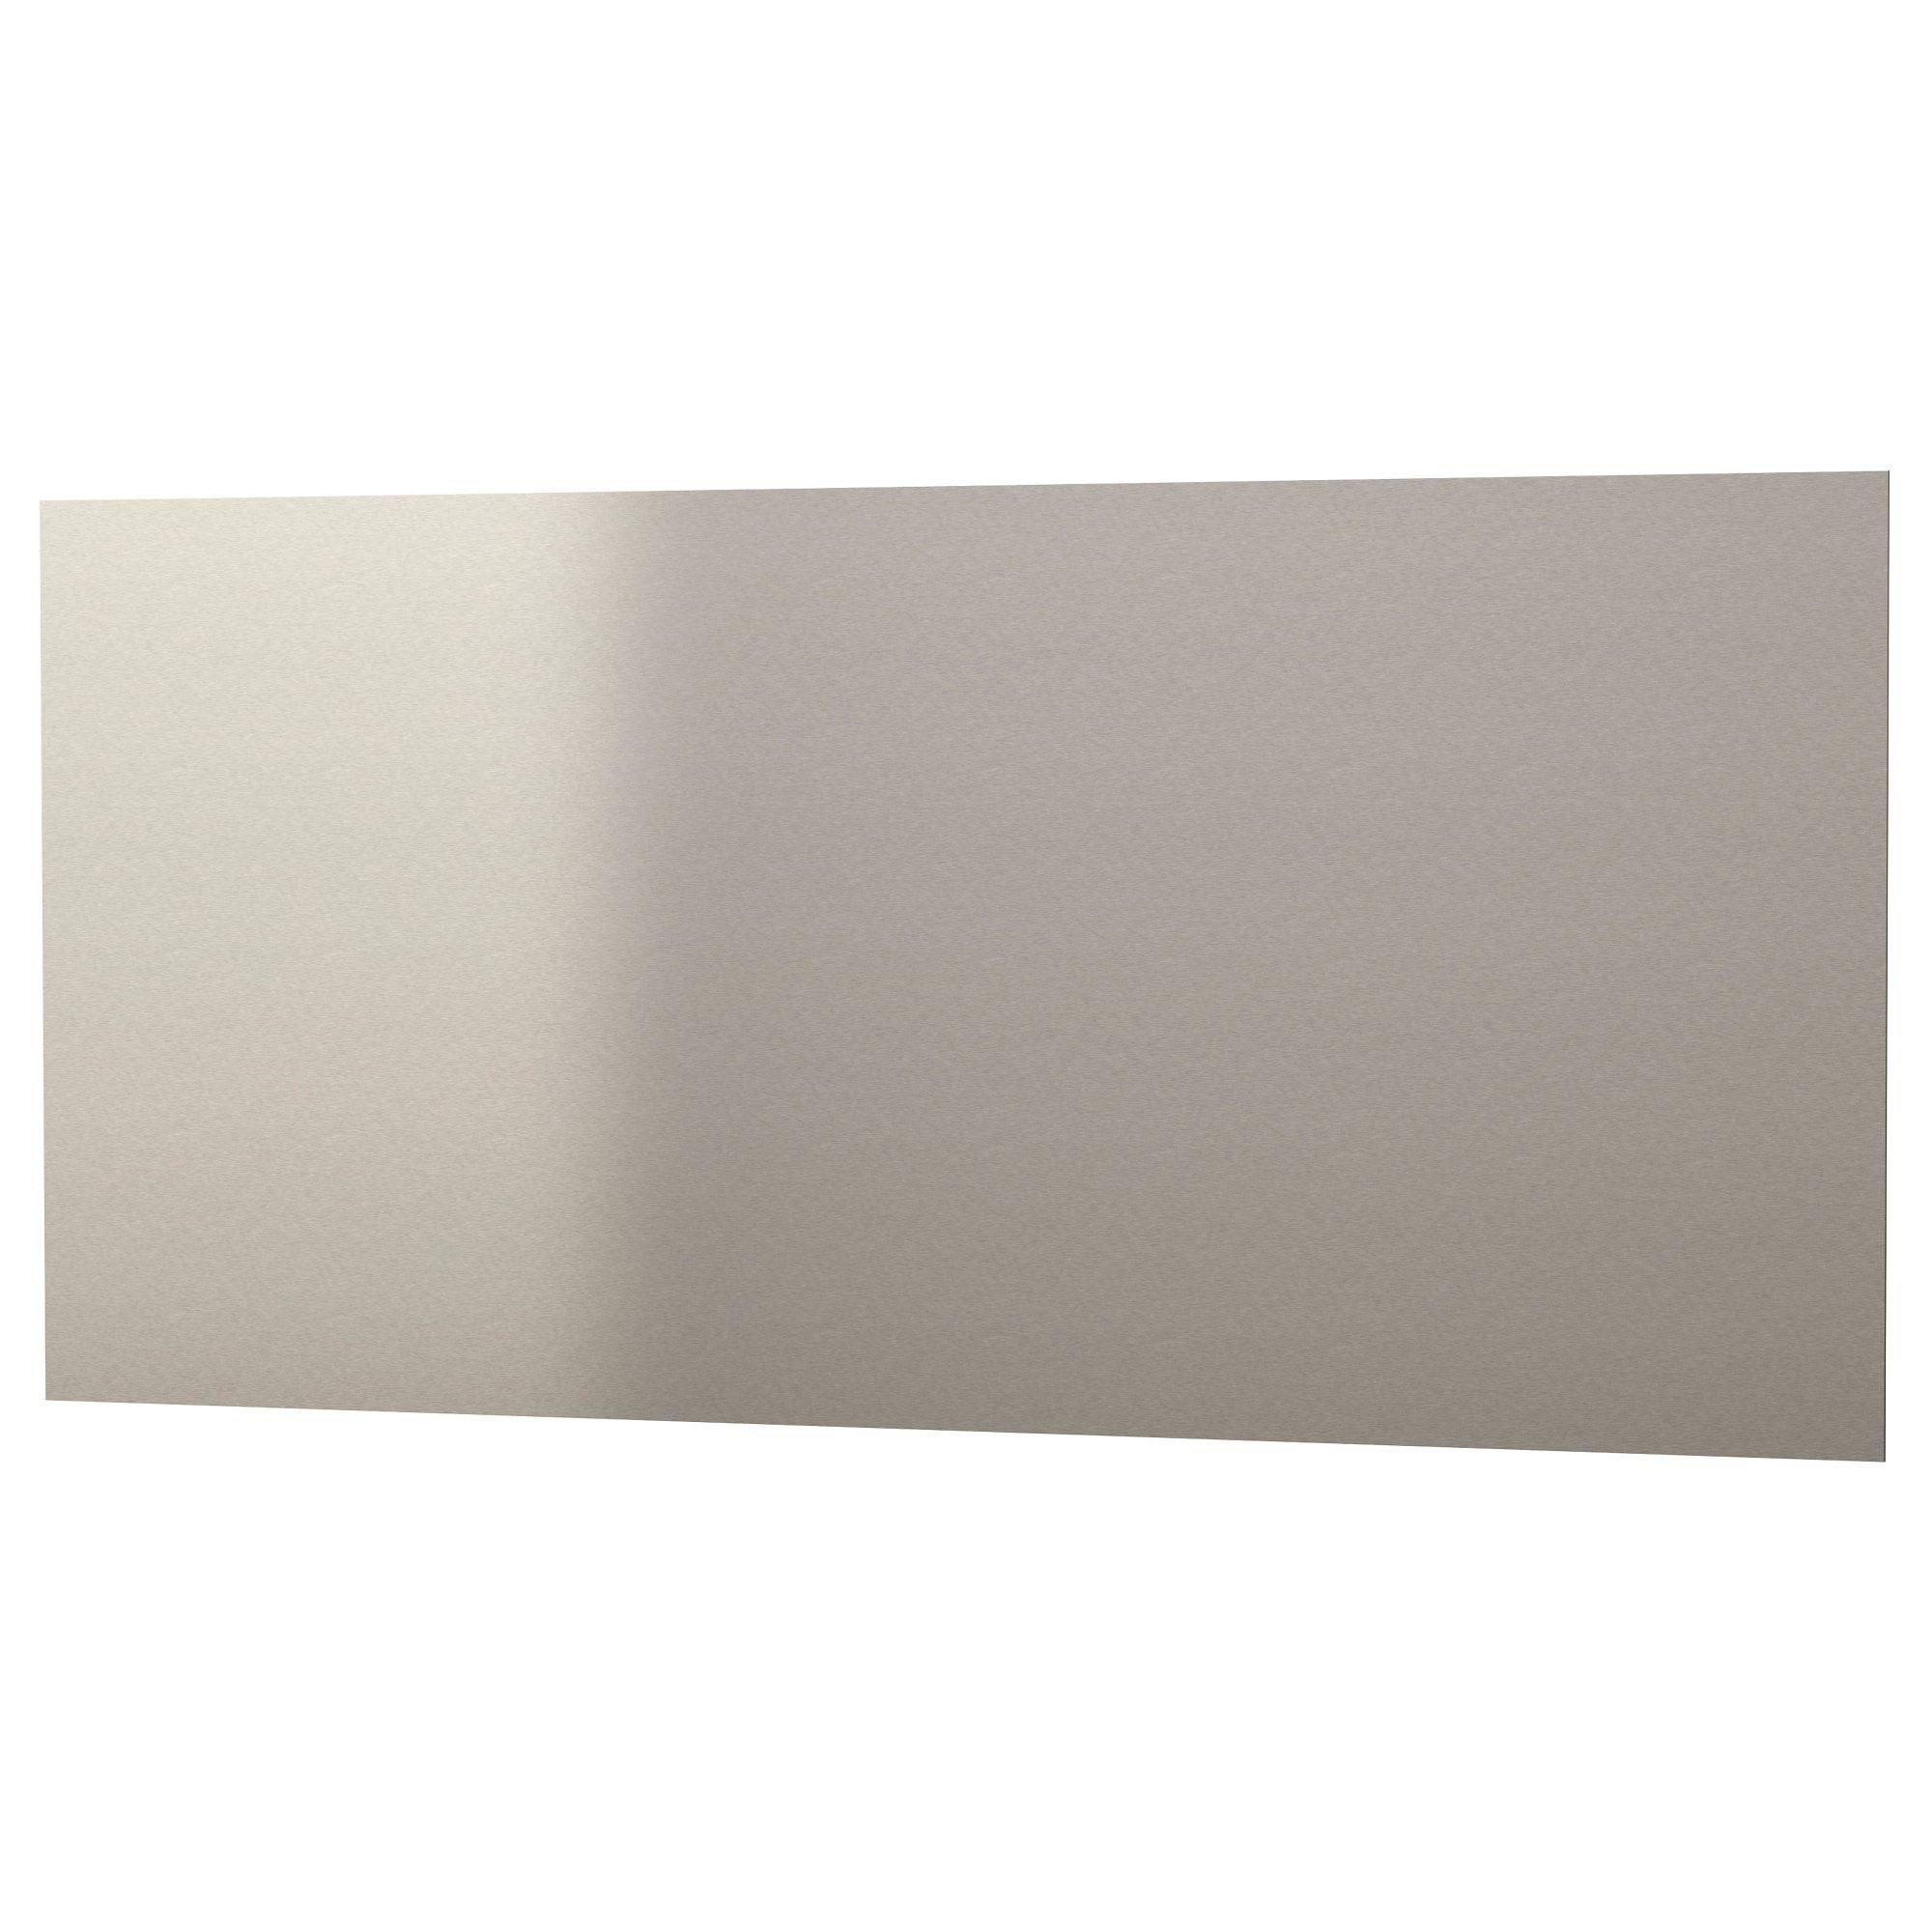 Lysekil Wandpaneel Doppelseitig Messingfarben Stahlfarben Ikea Osterreich Wandpaneele Verkleidung Wande Und Stahlfarbe